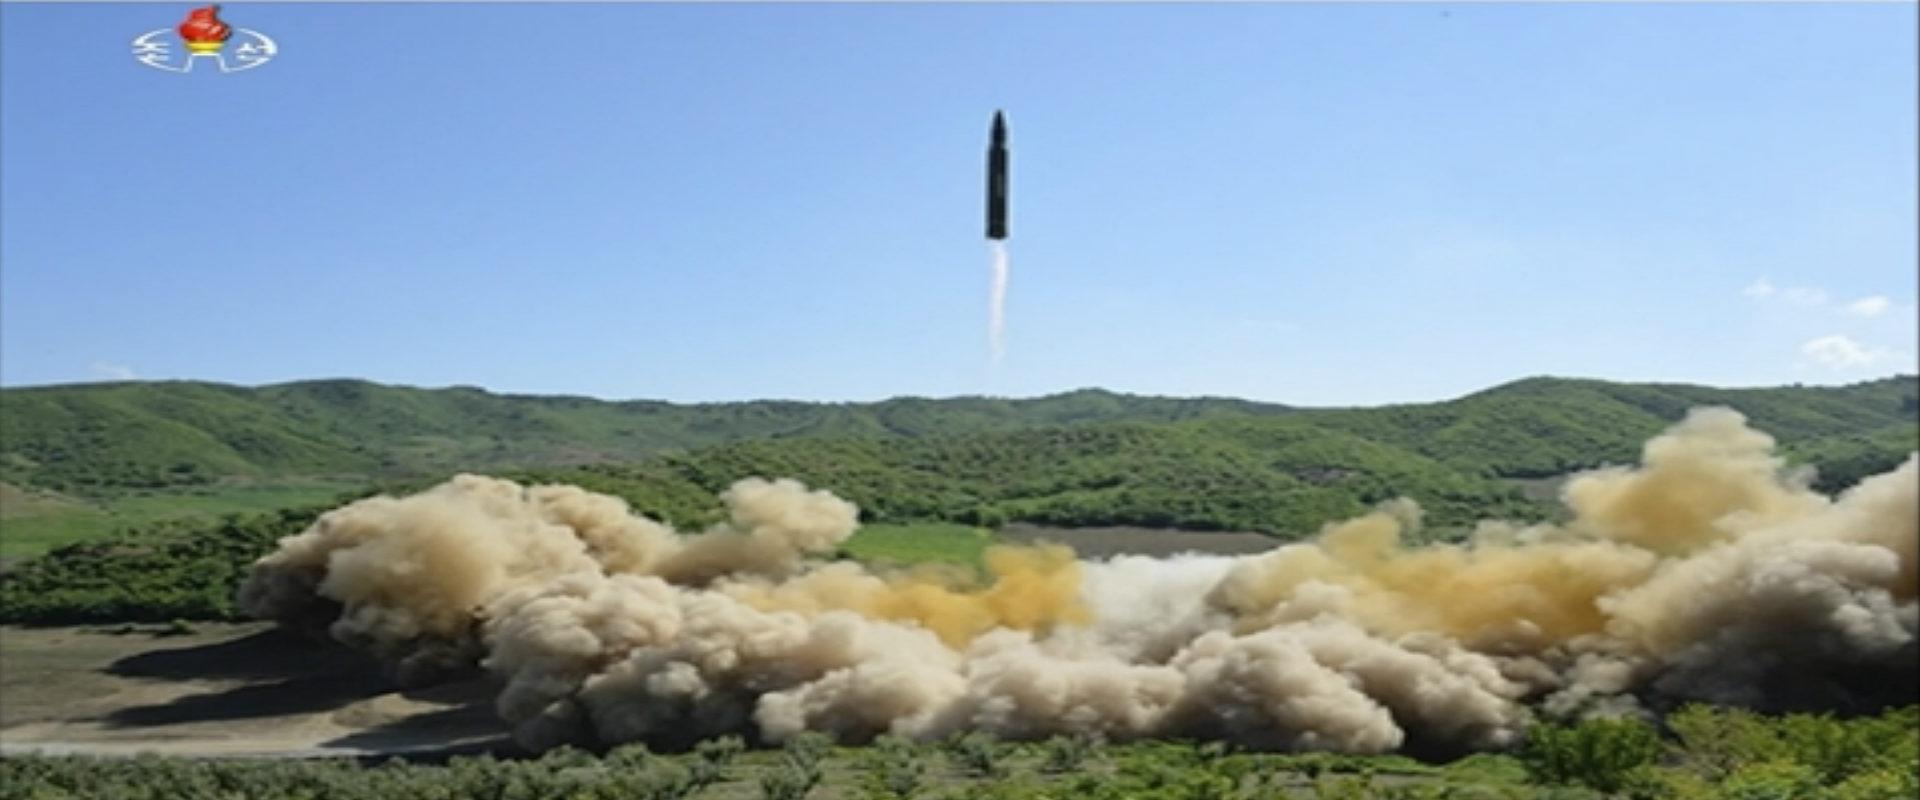 שיגור הטיל הבין-יבשתי ששיגרה קוריאה הצפונית, יולי